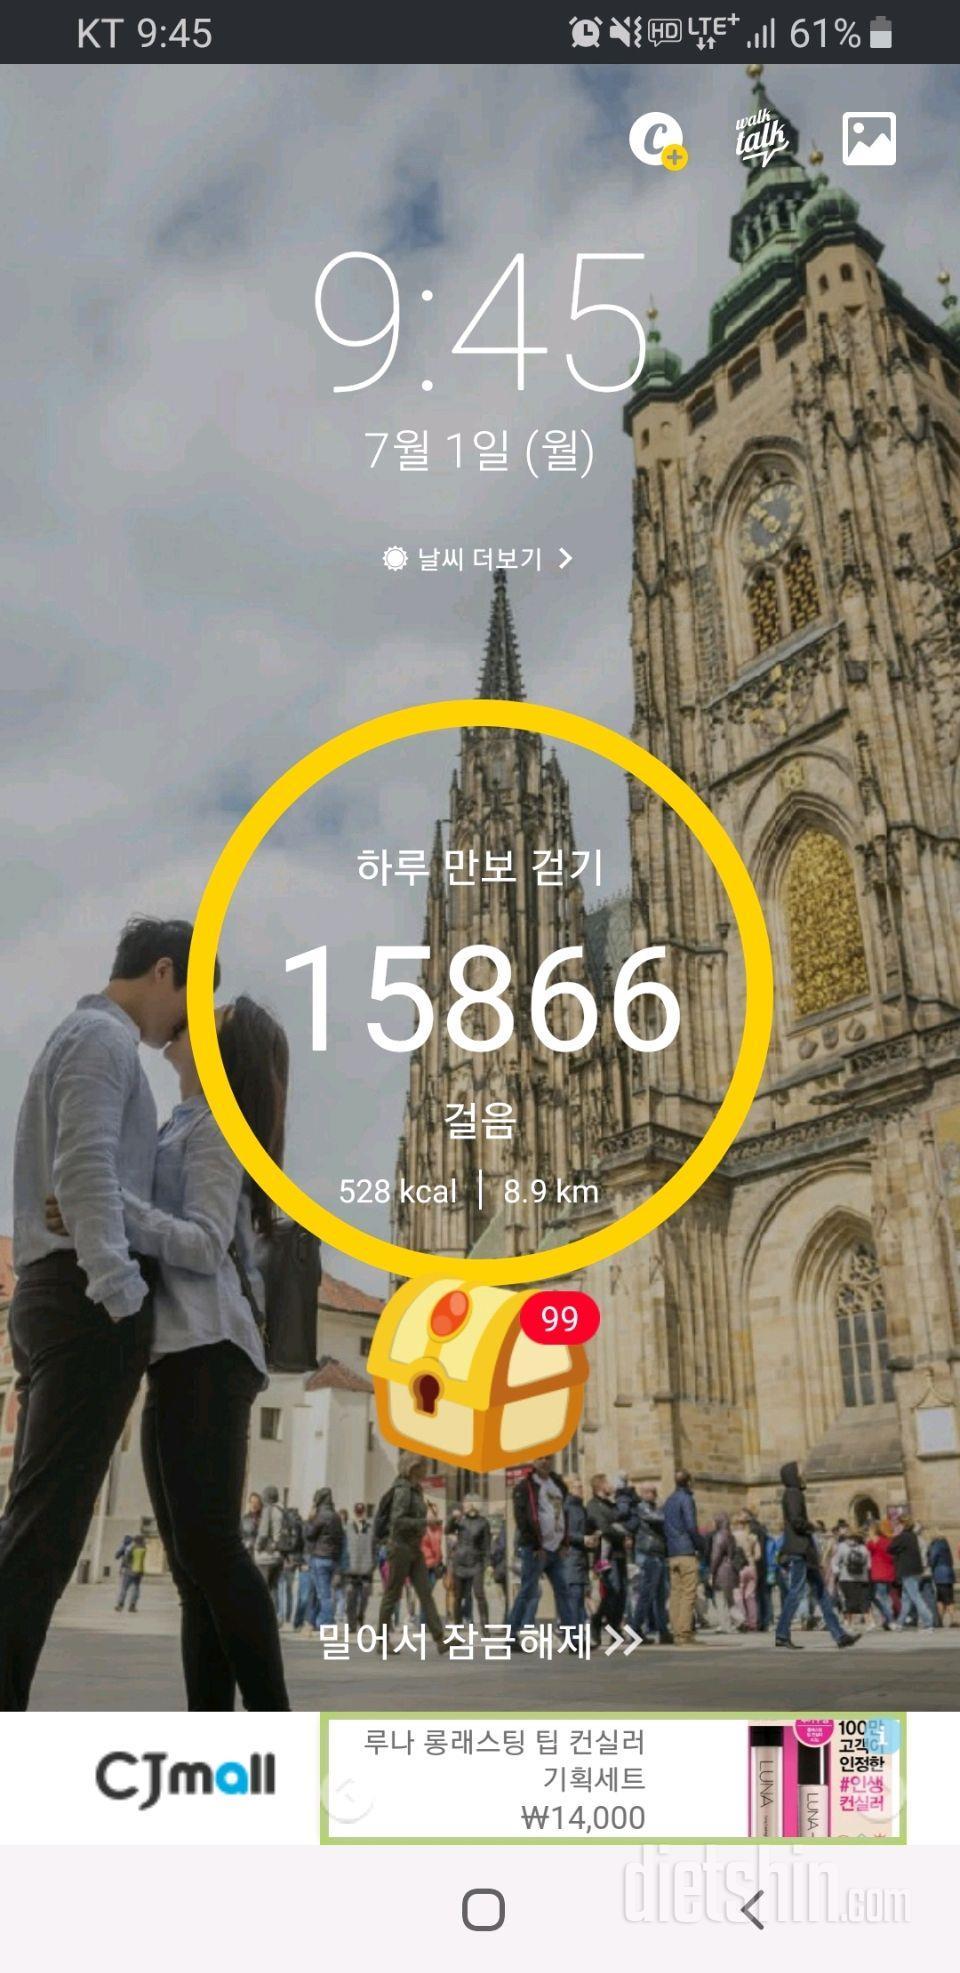 30일 만보 걷기 210일차 성공!